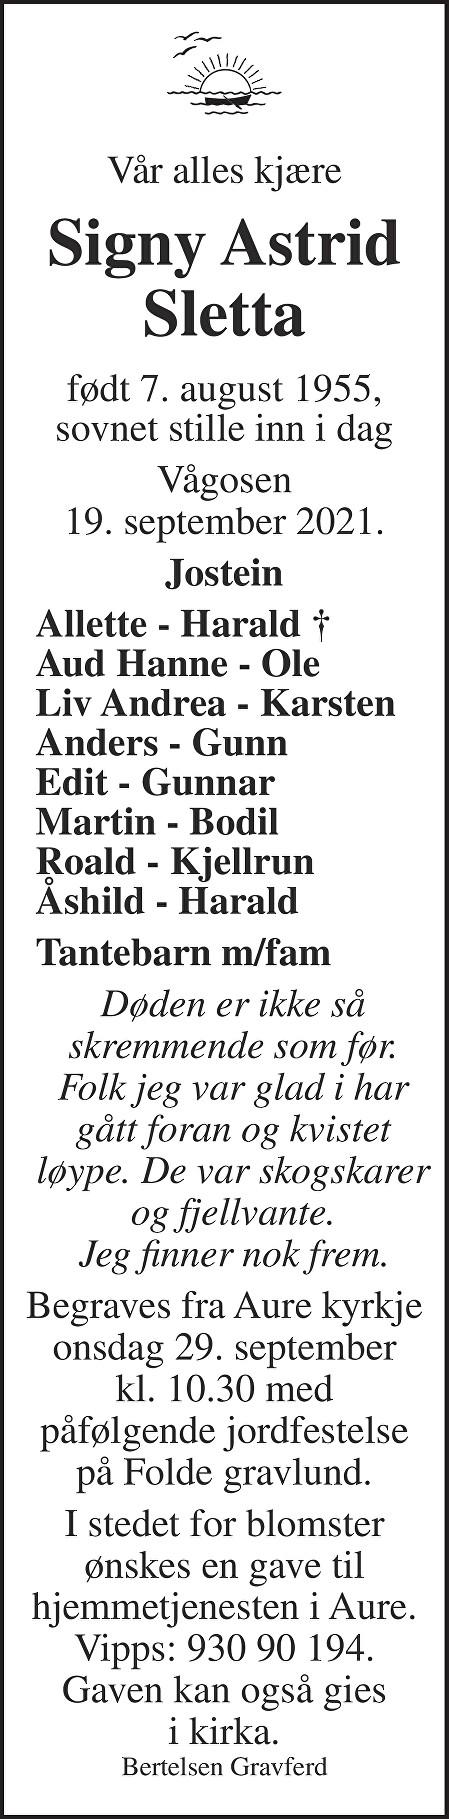 Signy Astrid Sletta Dødsannonse